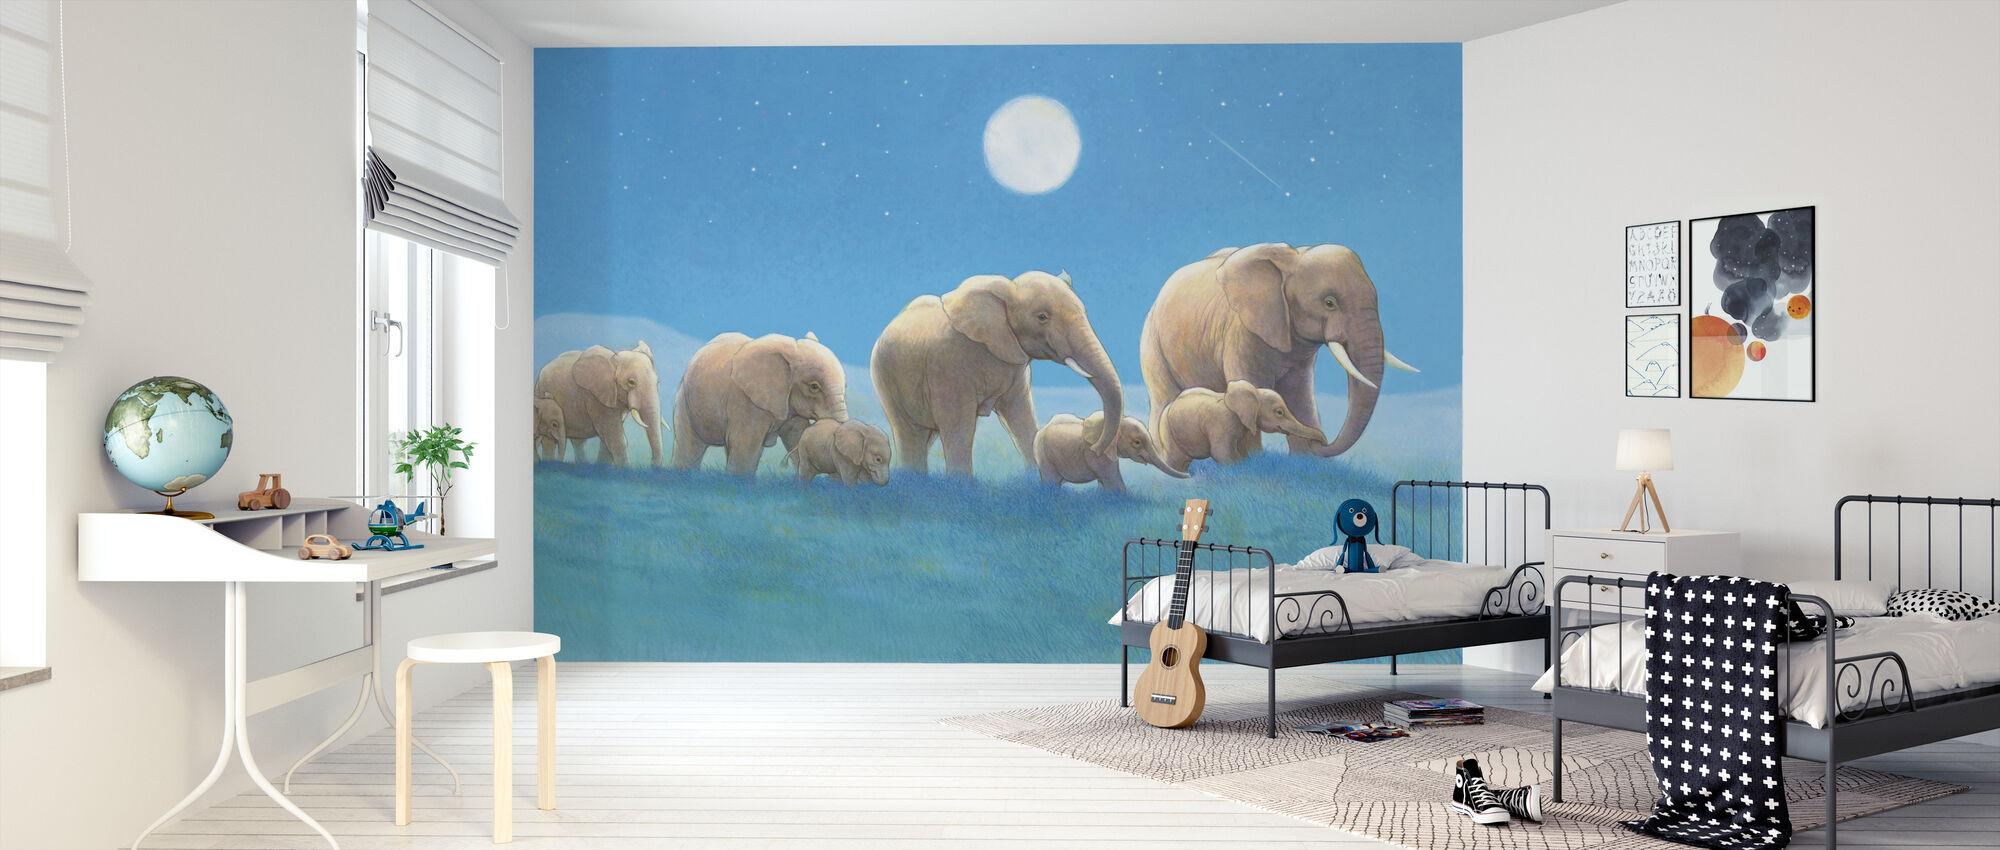 Elephants Walk - Wallpaper - Kids Room